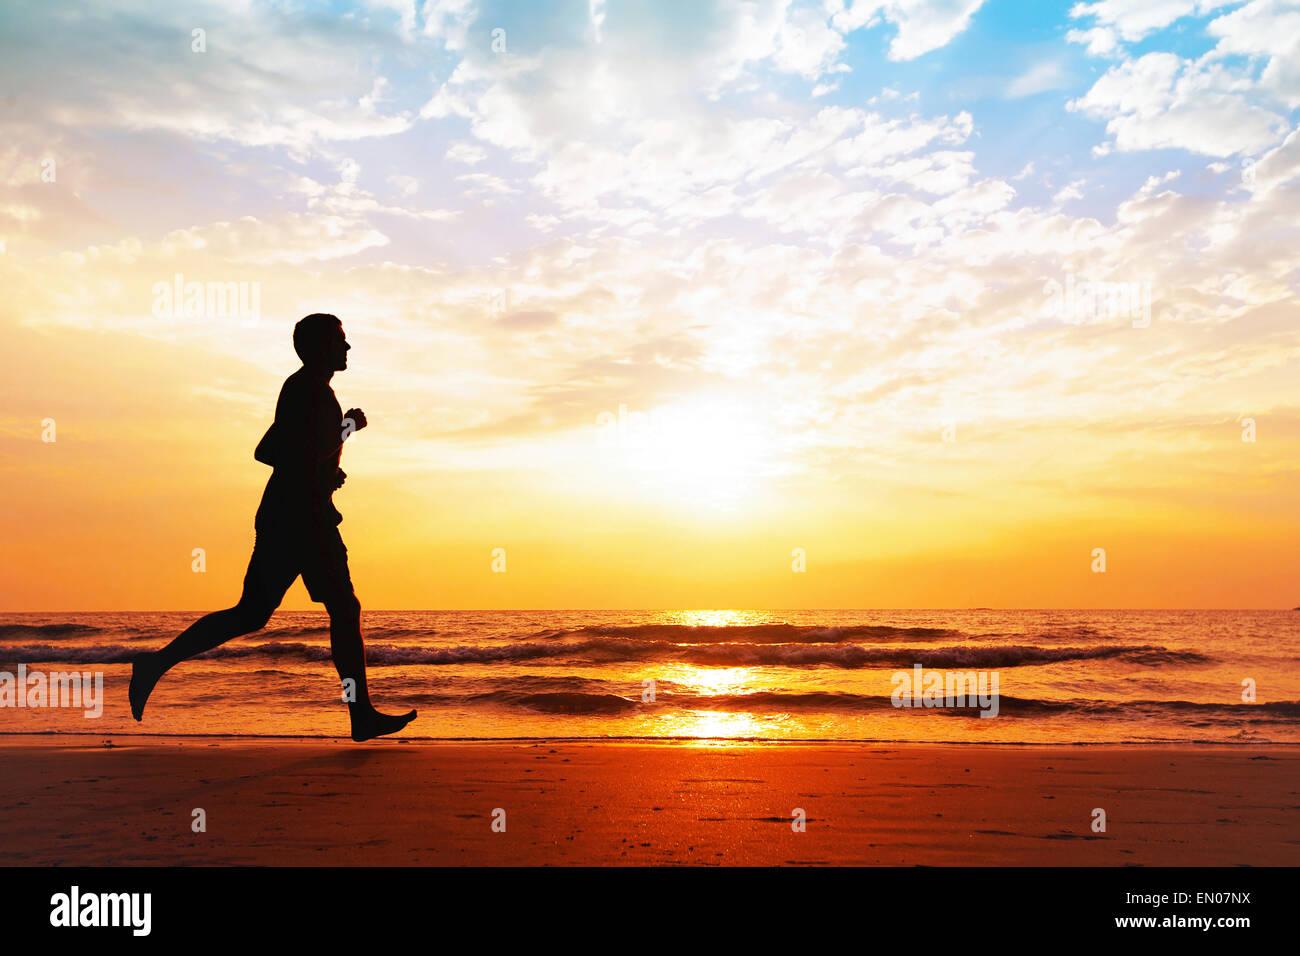 Vie saine et active, la silhouette de l'homme le jogging sur la plage Photo Stock